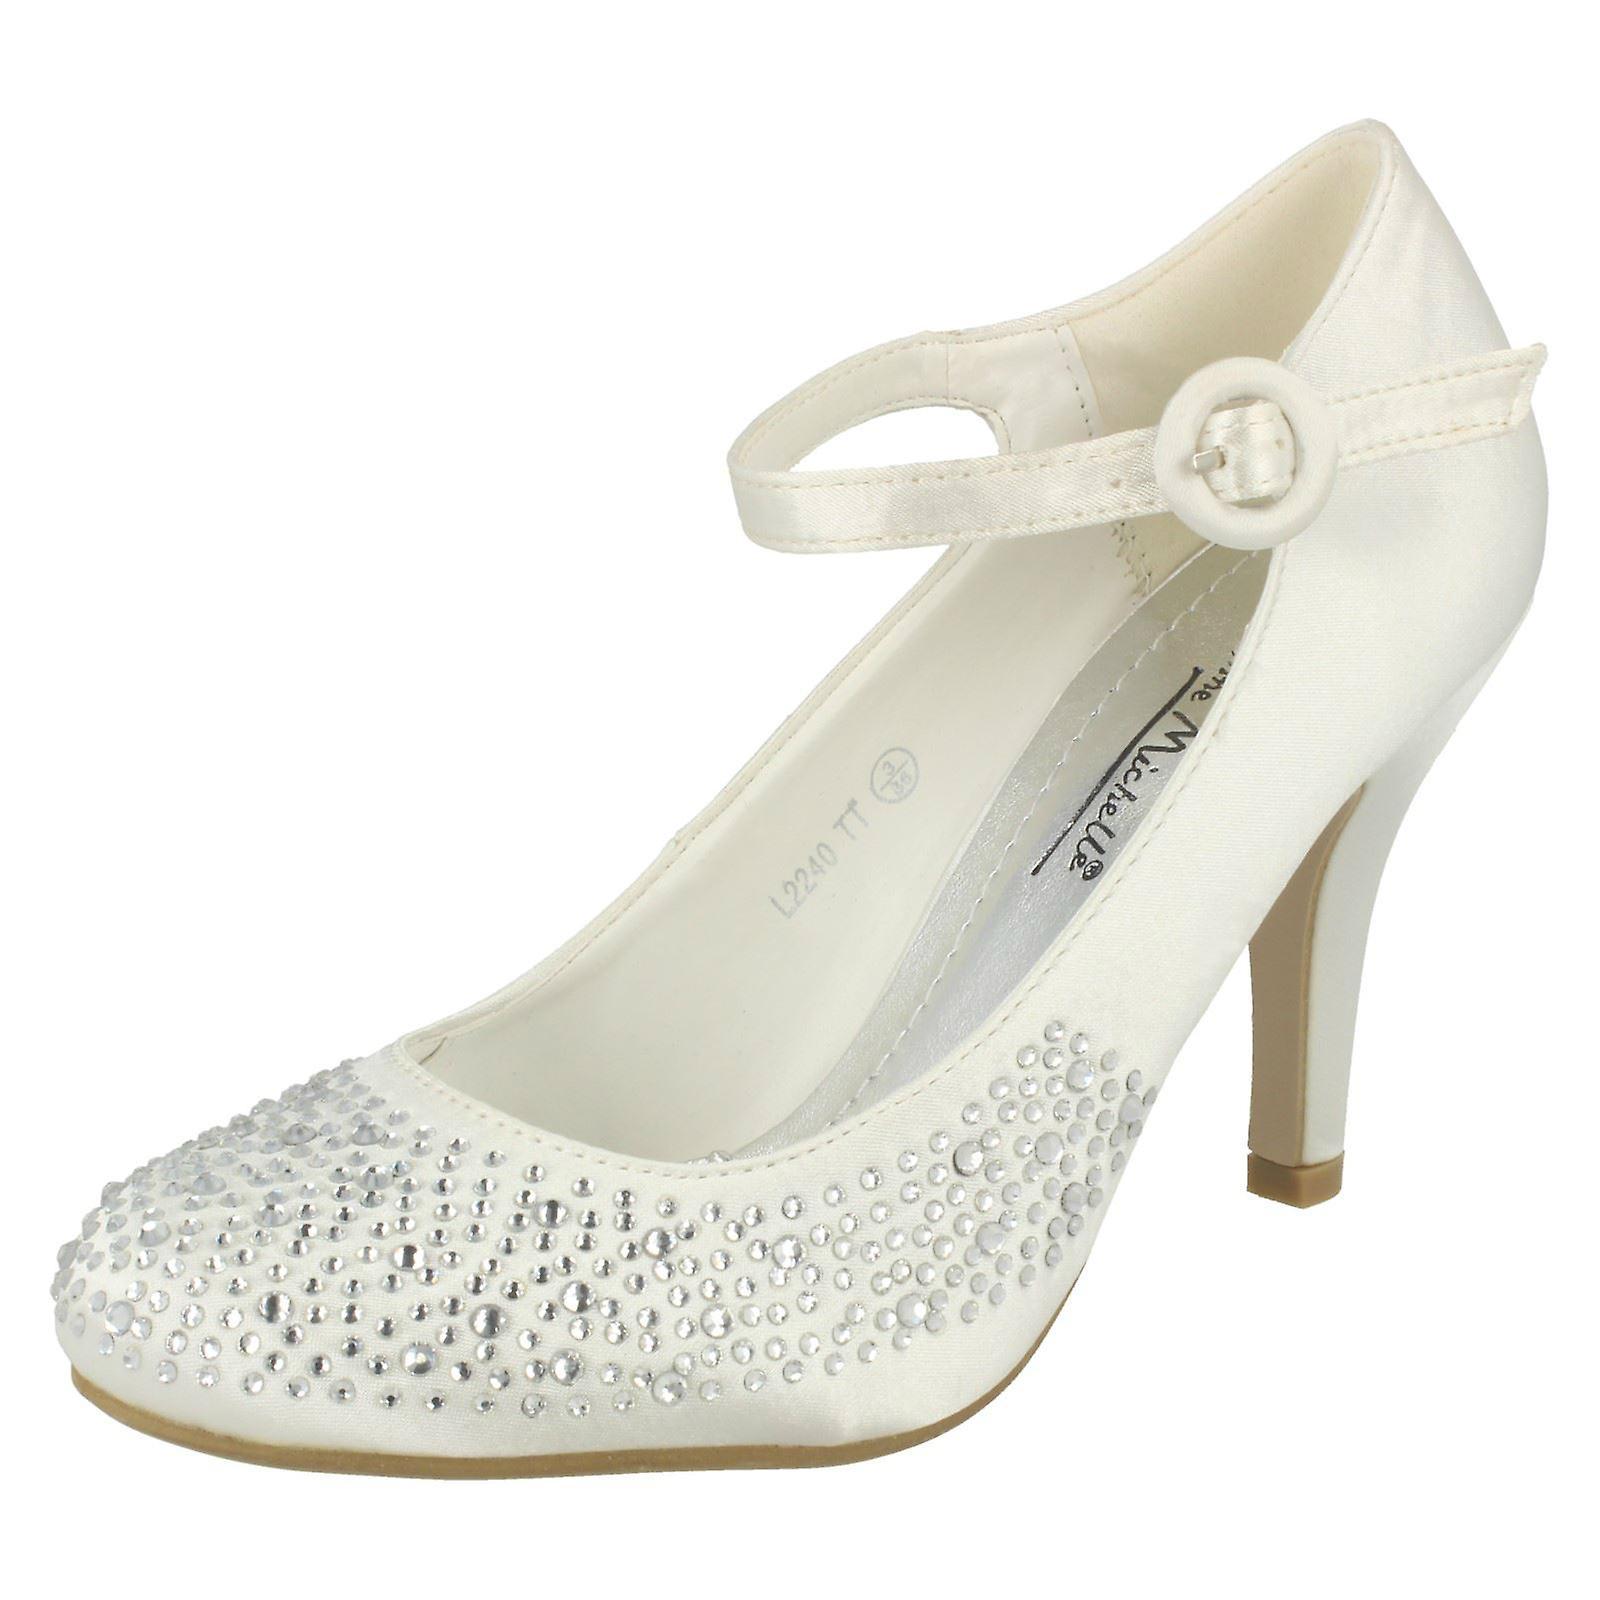 Damen Anne Michelle Absätzen Party Schuh mit Diamante Detail und Knöchel Schnalle befestigen